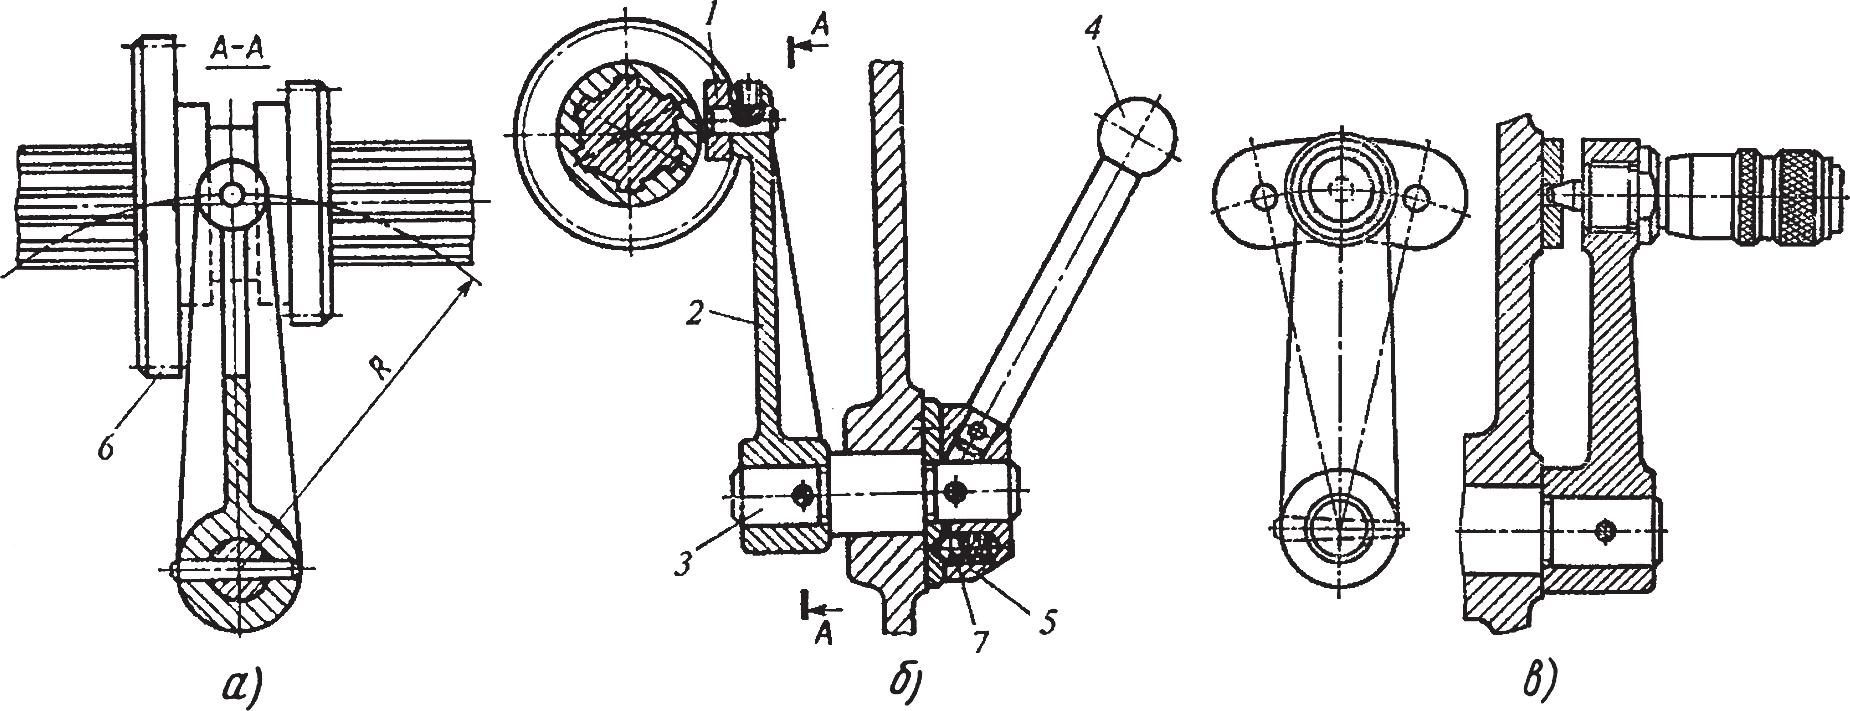 Конструкция рычажного механизма, применяемого для переключения муфт или шестерен